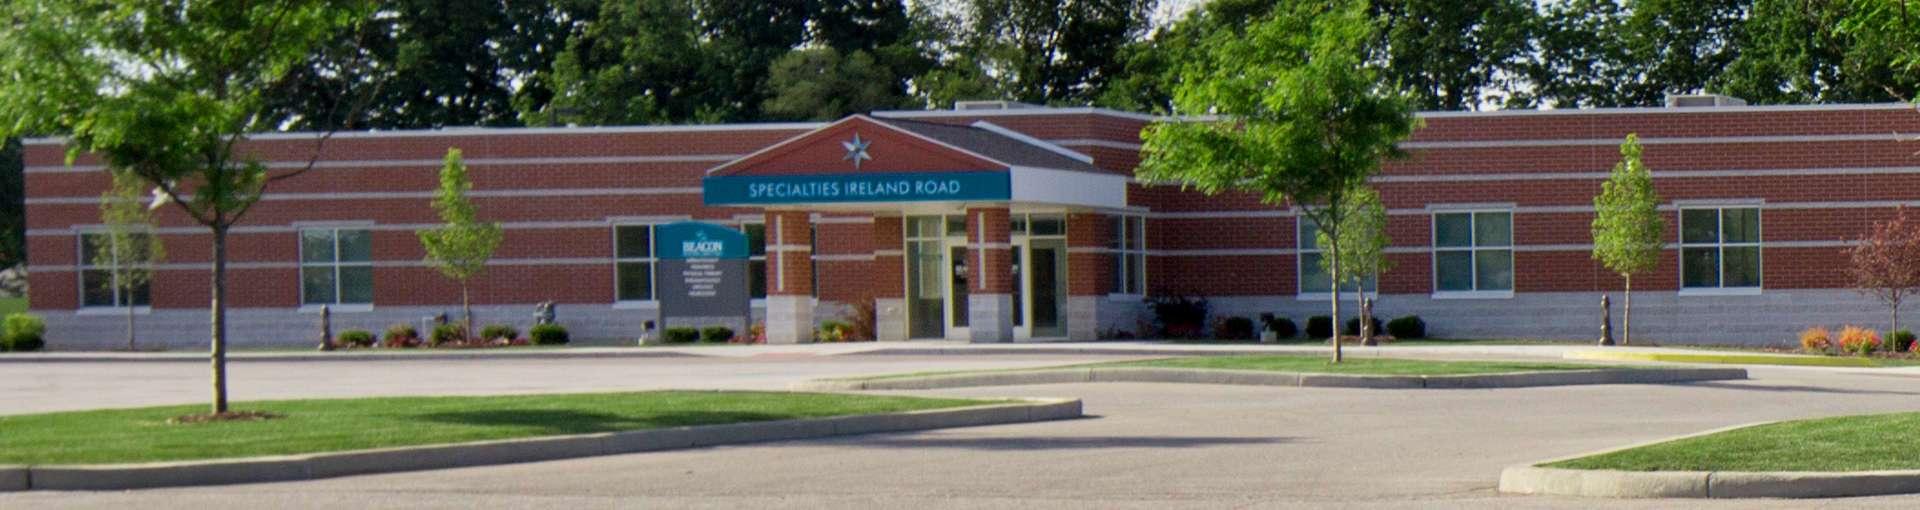 Beacon Medical Group Rheumatology Ireland Road image 0